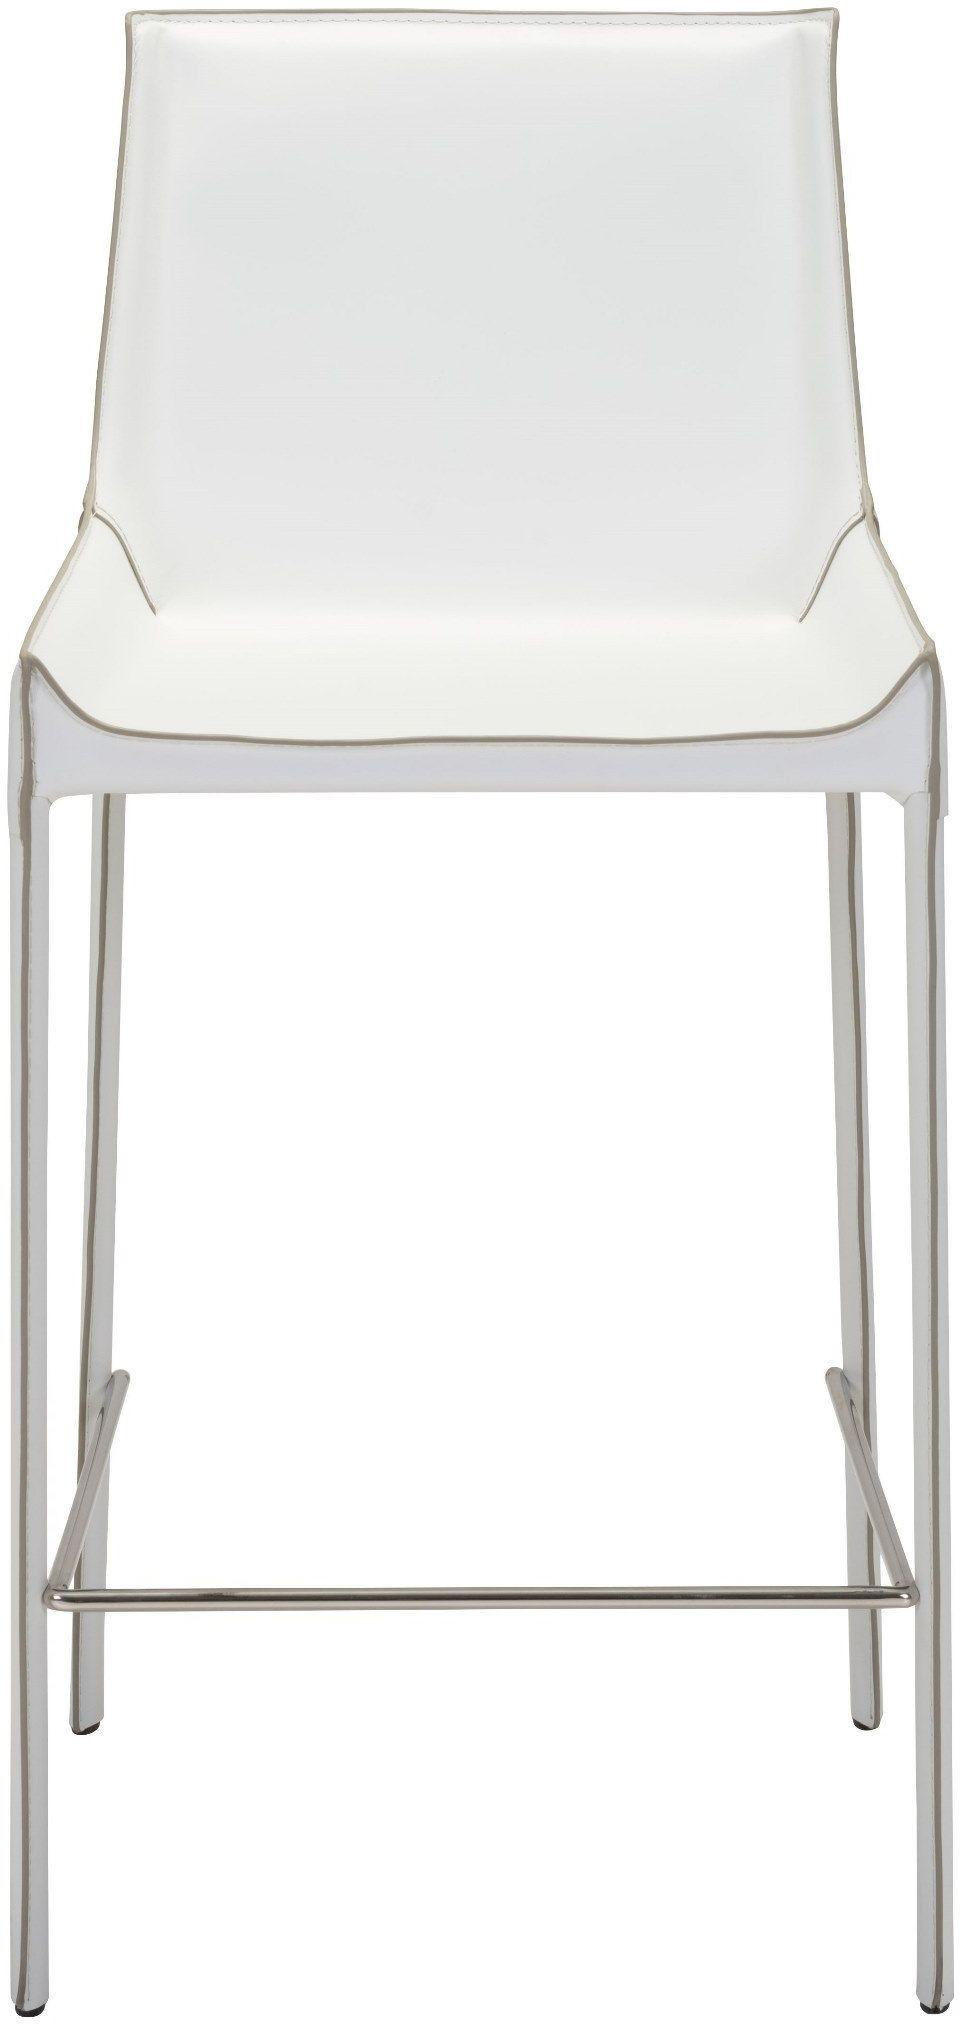 zuo modern fashion bar chair